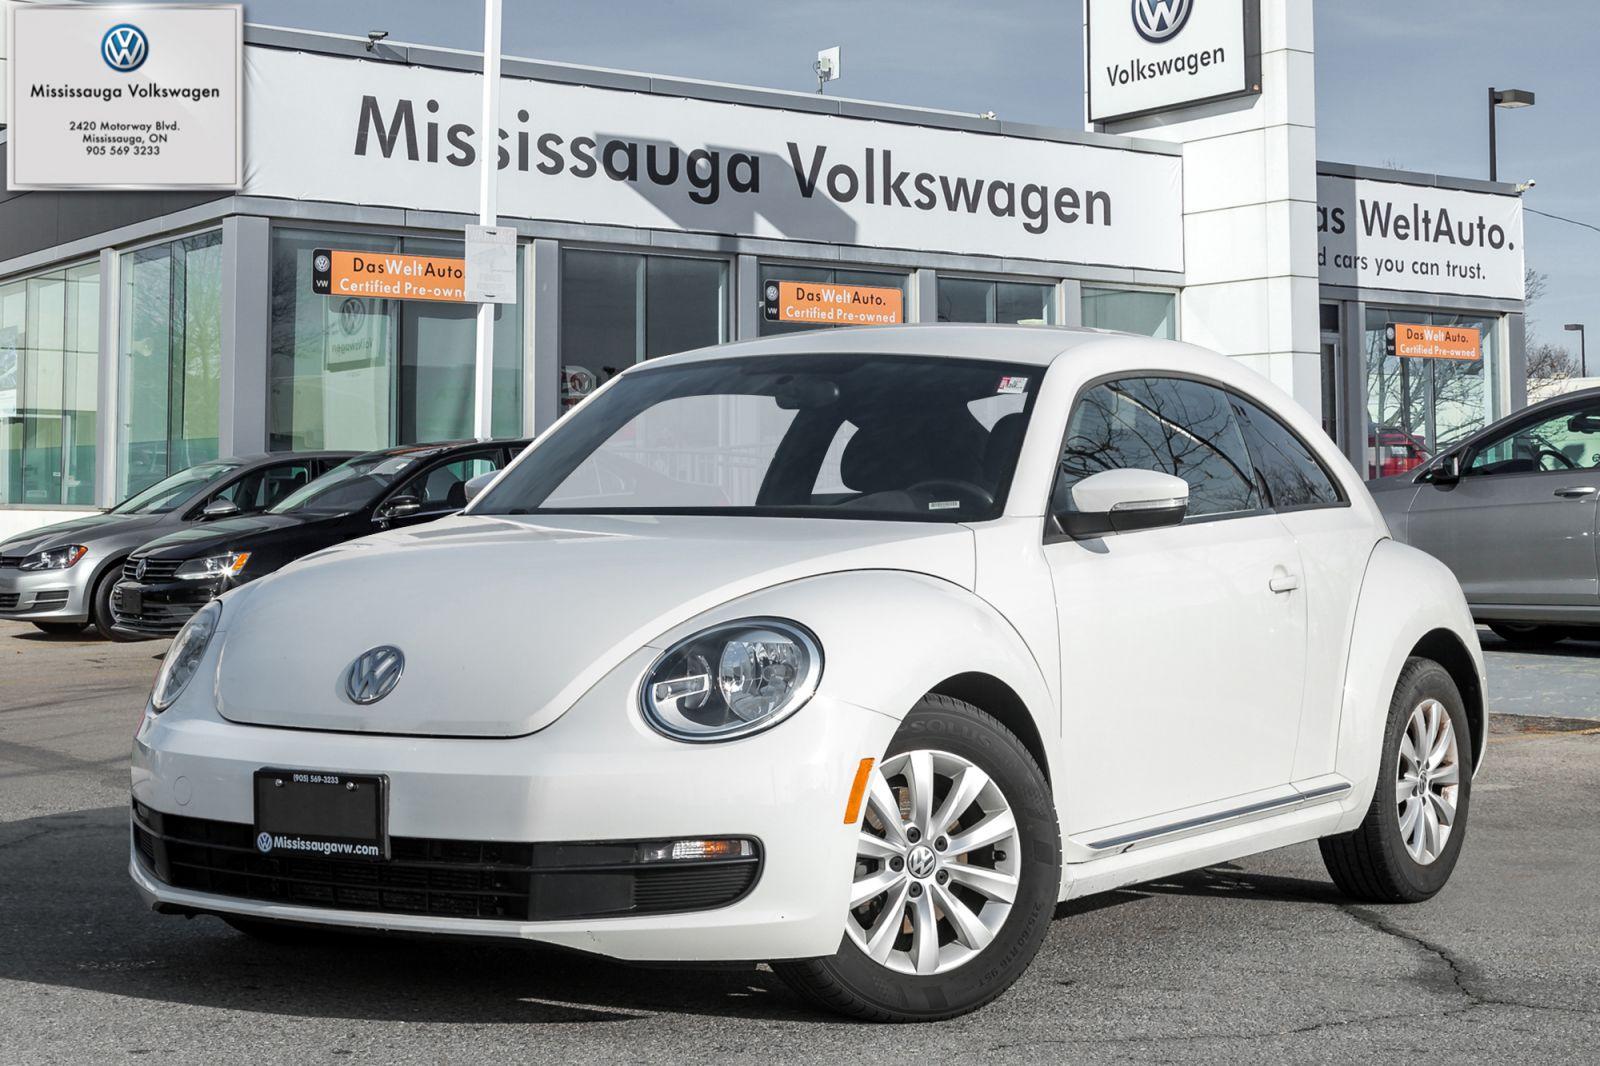 2012 Volkswagen Beetle Image